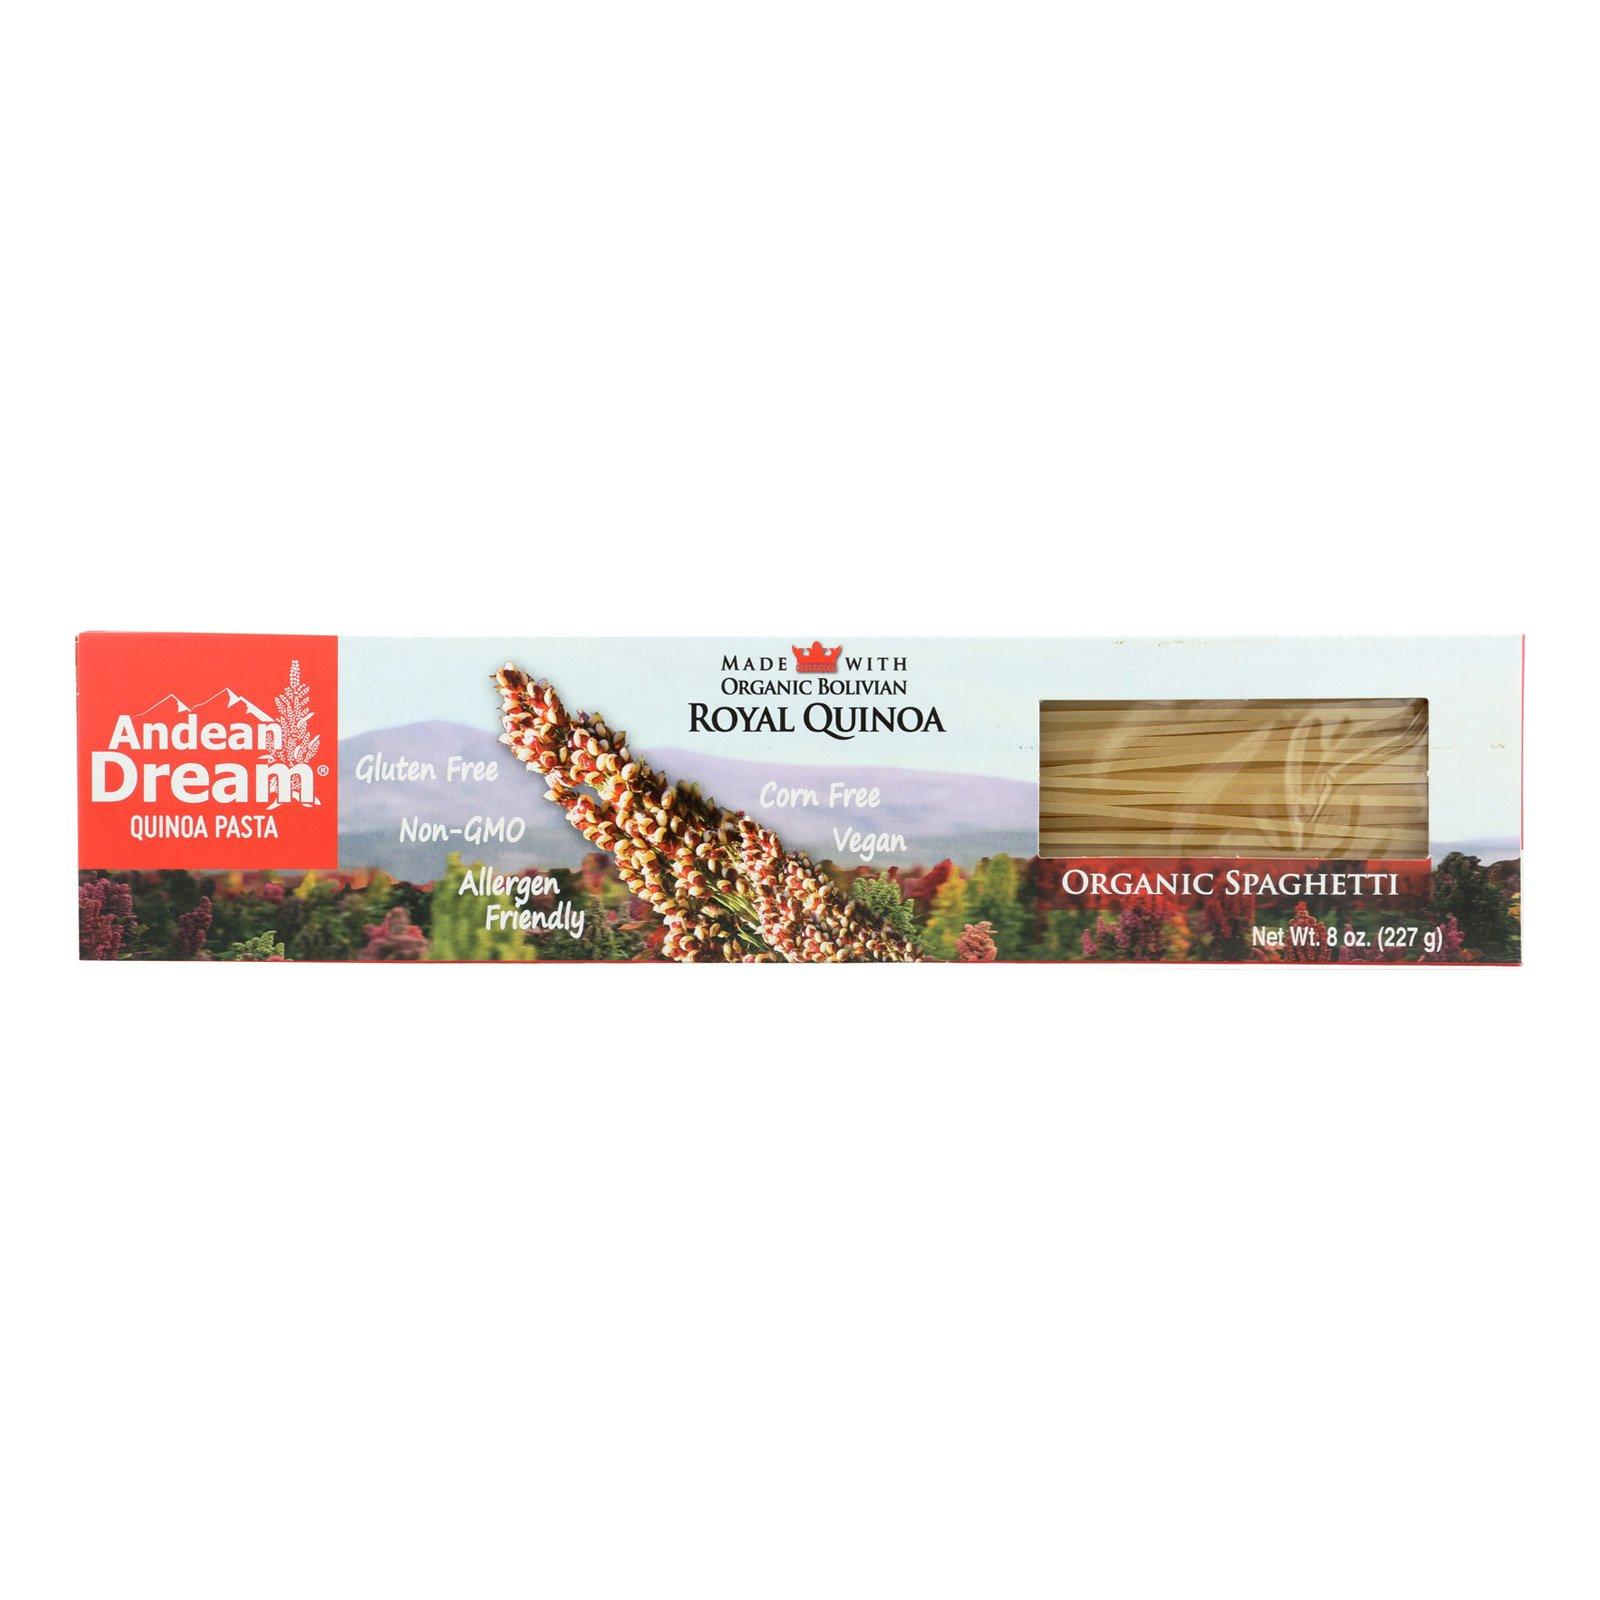 Andean Dream Gluten Free Organic Spaghetti Quinoa Pasta - Case of 12 - 8 oz. by Andean Dream